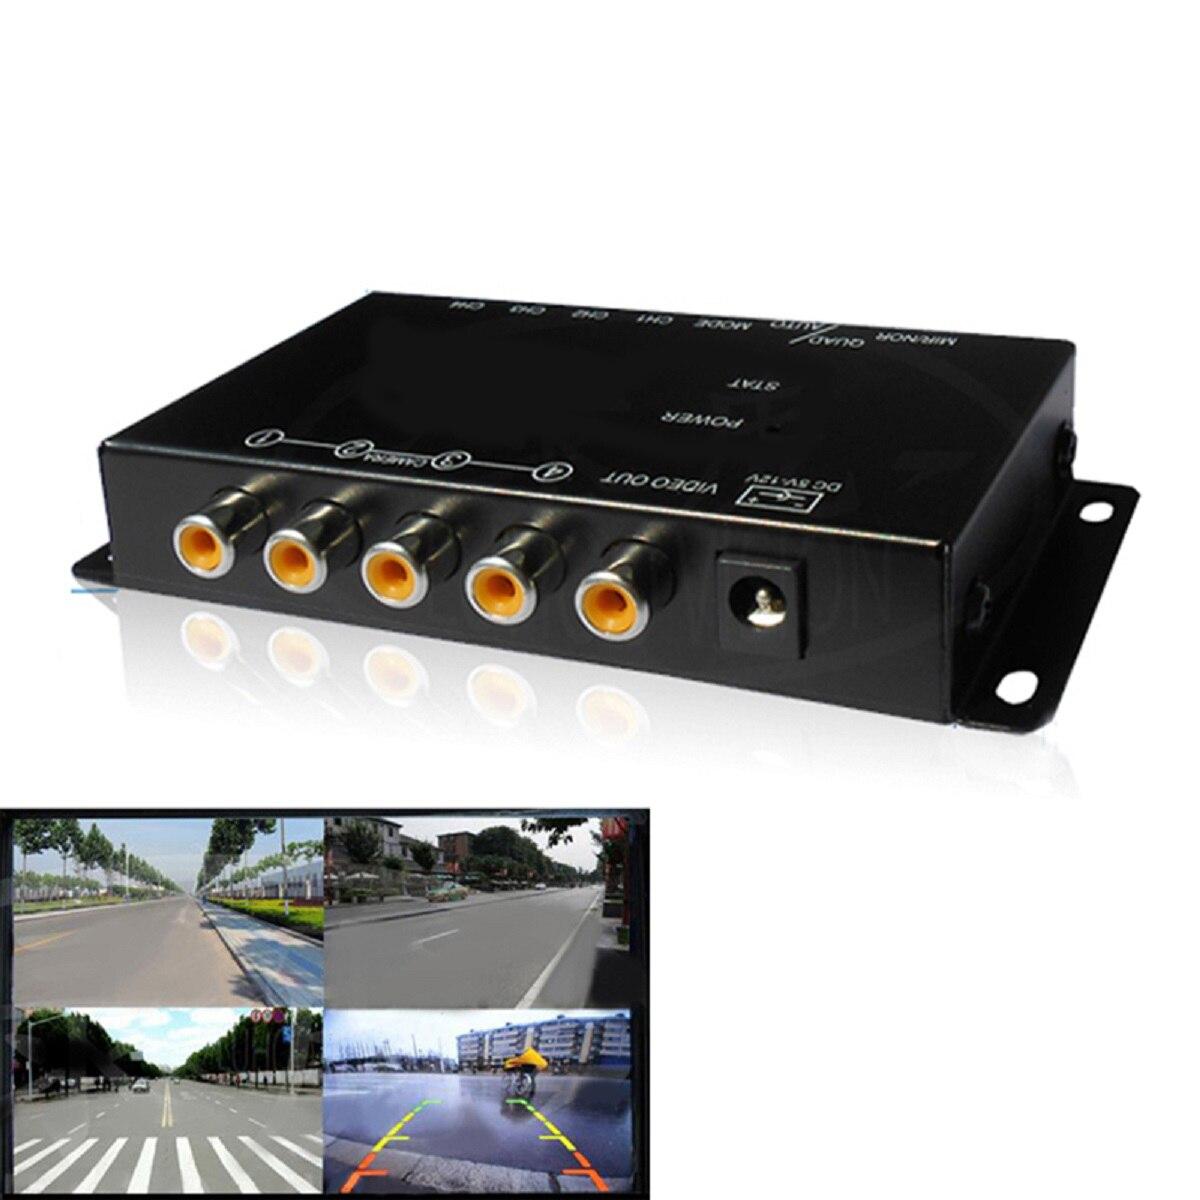 Offizielle Website 4 Port Av Audio Video Rca 4 Eingang 1 Ausgang Switcher Switch Selector Splitter Box Die Neueste Mode Computer & Büro Computer-peripheriegeräte